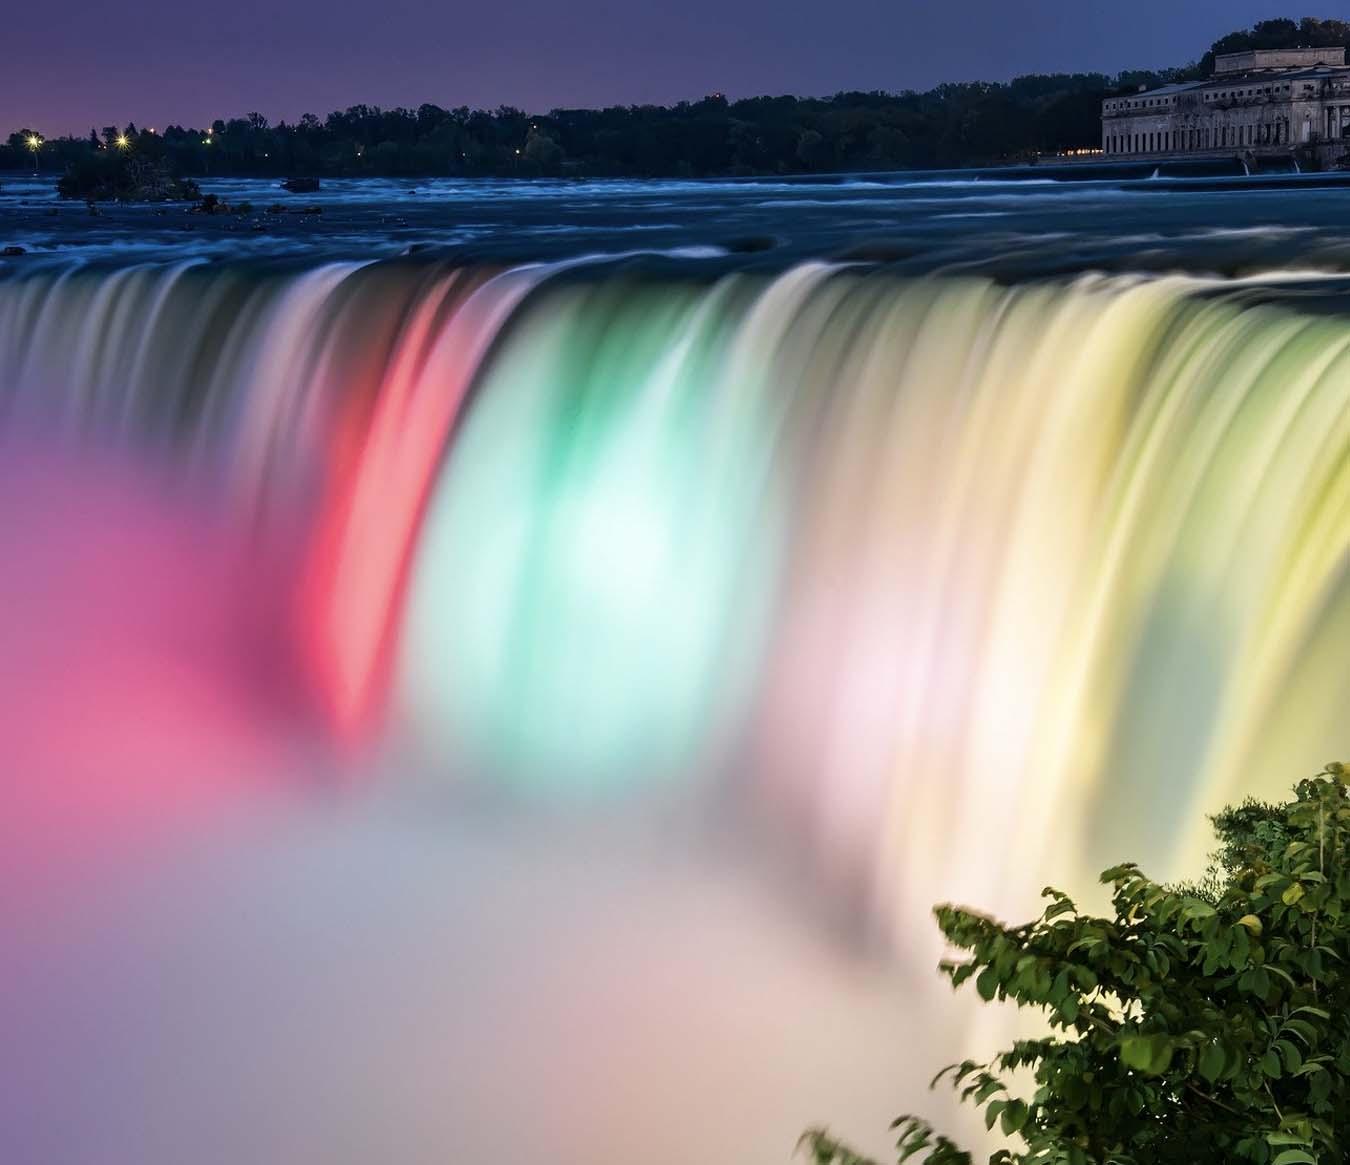 https://www.elitesportstours.ca/Things to Do in Buffalo - Niagara Falls